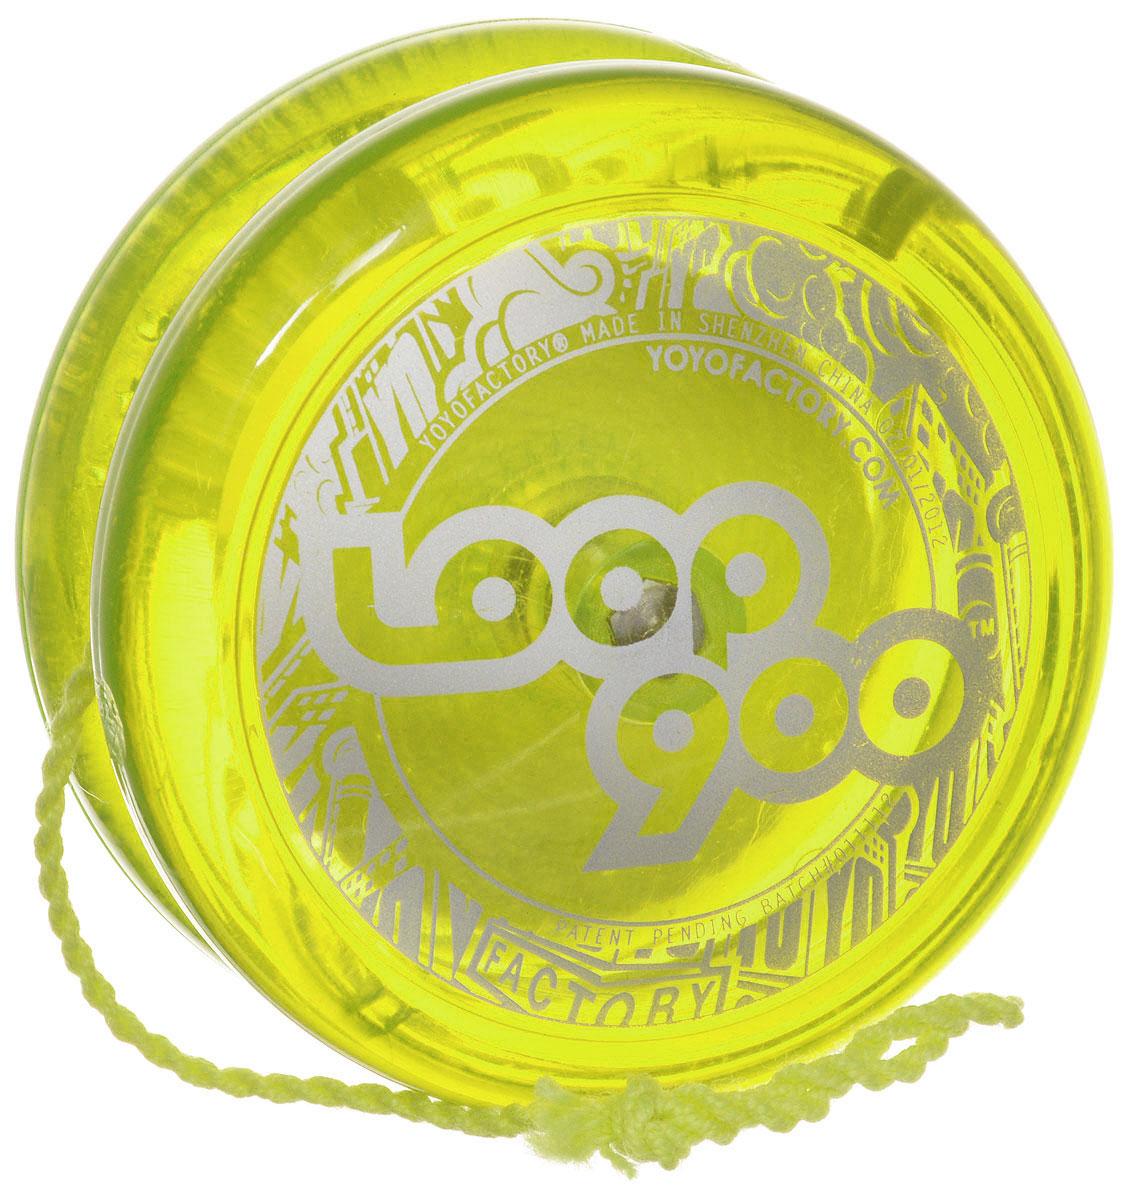 YoYoFactory Йо-йо Loop 900 цвет салатовыйLoop 900_салатовыйЙо-йо YoYoFactory Loop 900 - это узнаваемый H-профиль, идеальное покрытие и стабильность, неизменное качество исполнения. На веревке йо-йо сидит великолепно, а игра с ним - одно удовольствие! Йо-йо - это игрушка, состоящая из двух симметричных половинок соединенных осью, к которой прикреплена веревка. Современный йо-йо значительно отличается от тех, к которым многие привыкли. Сейчас йо-йо - это такая же часть молодежной культуры как скейт, ВМХ или сноуборд. Йо-йо популярно во многих странах мира, таких как Россия, США и Япония. Ежегодно во всем мире проходят различные чемпионаты по игре с йо-йо, в том числе и Чемпионат России, в котором собираются лучшие игроки со всей страны.